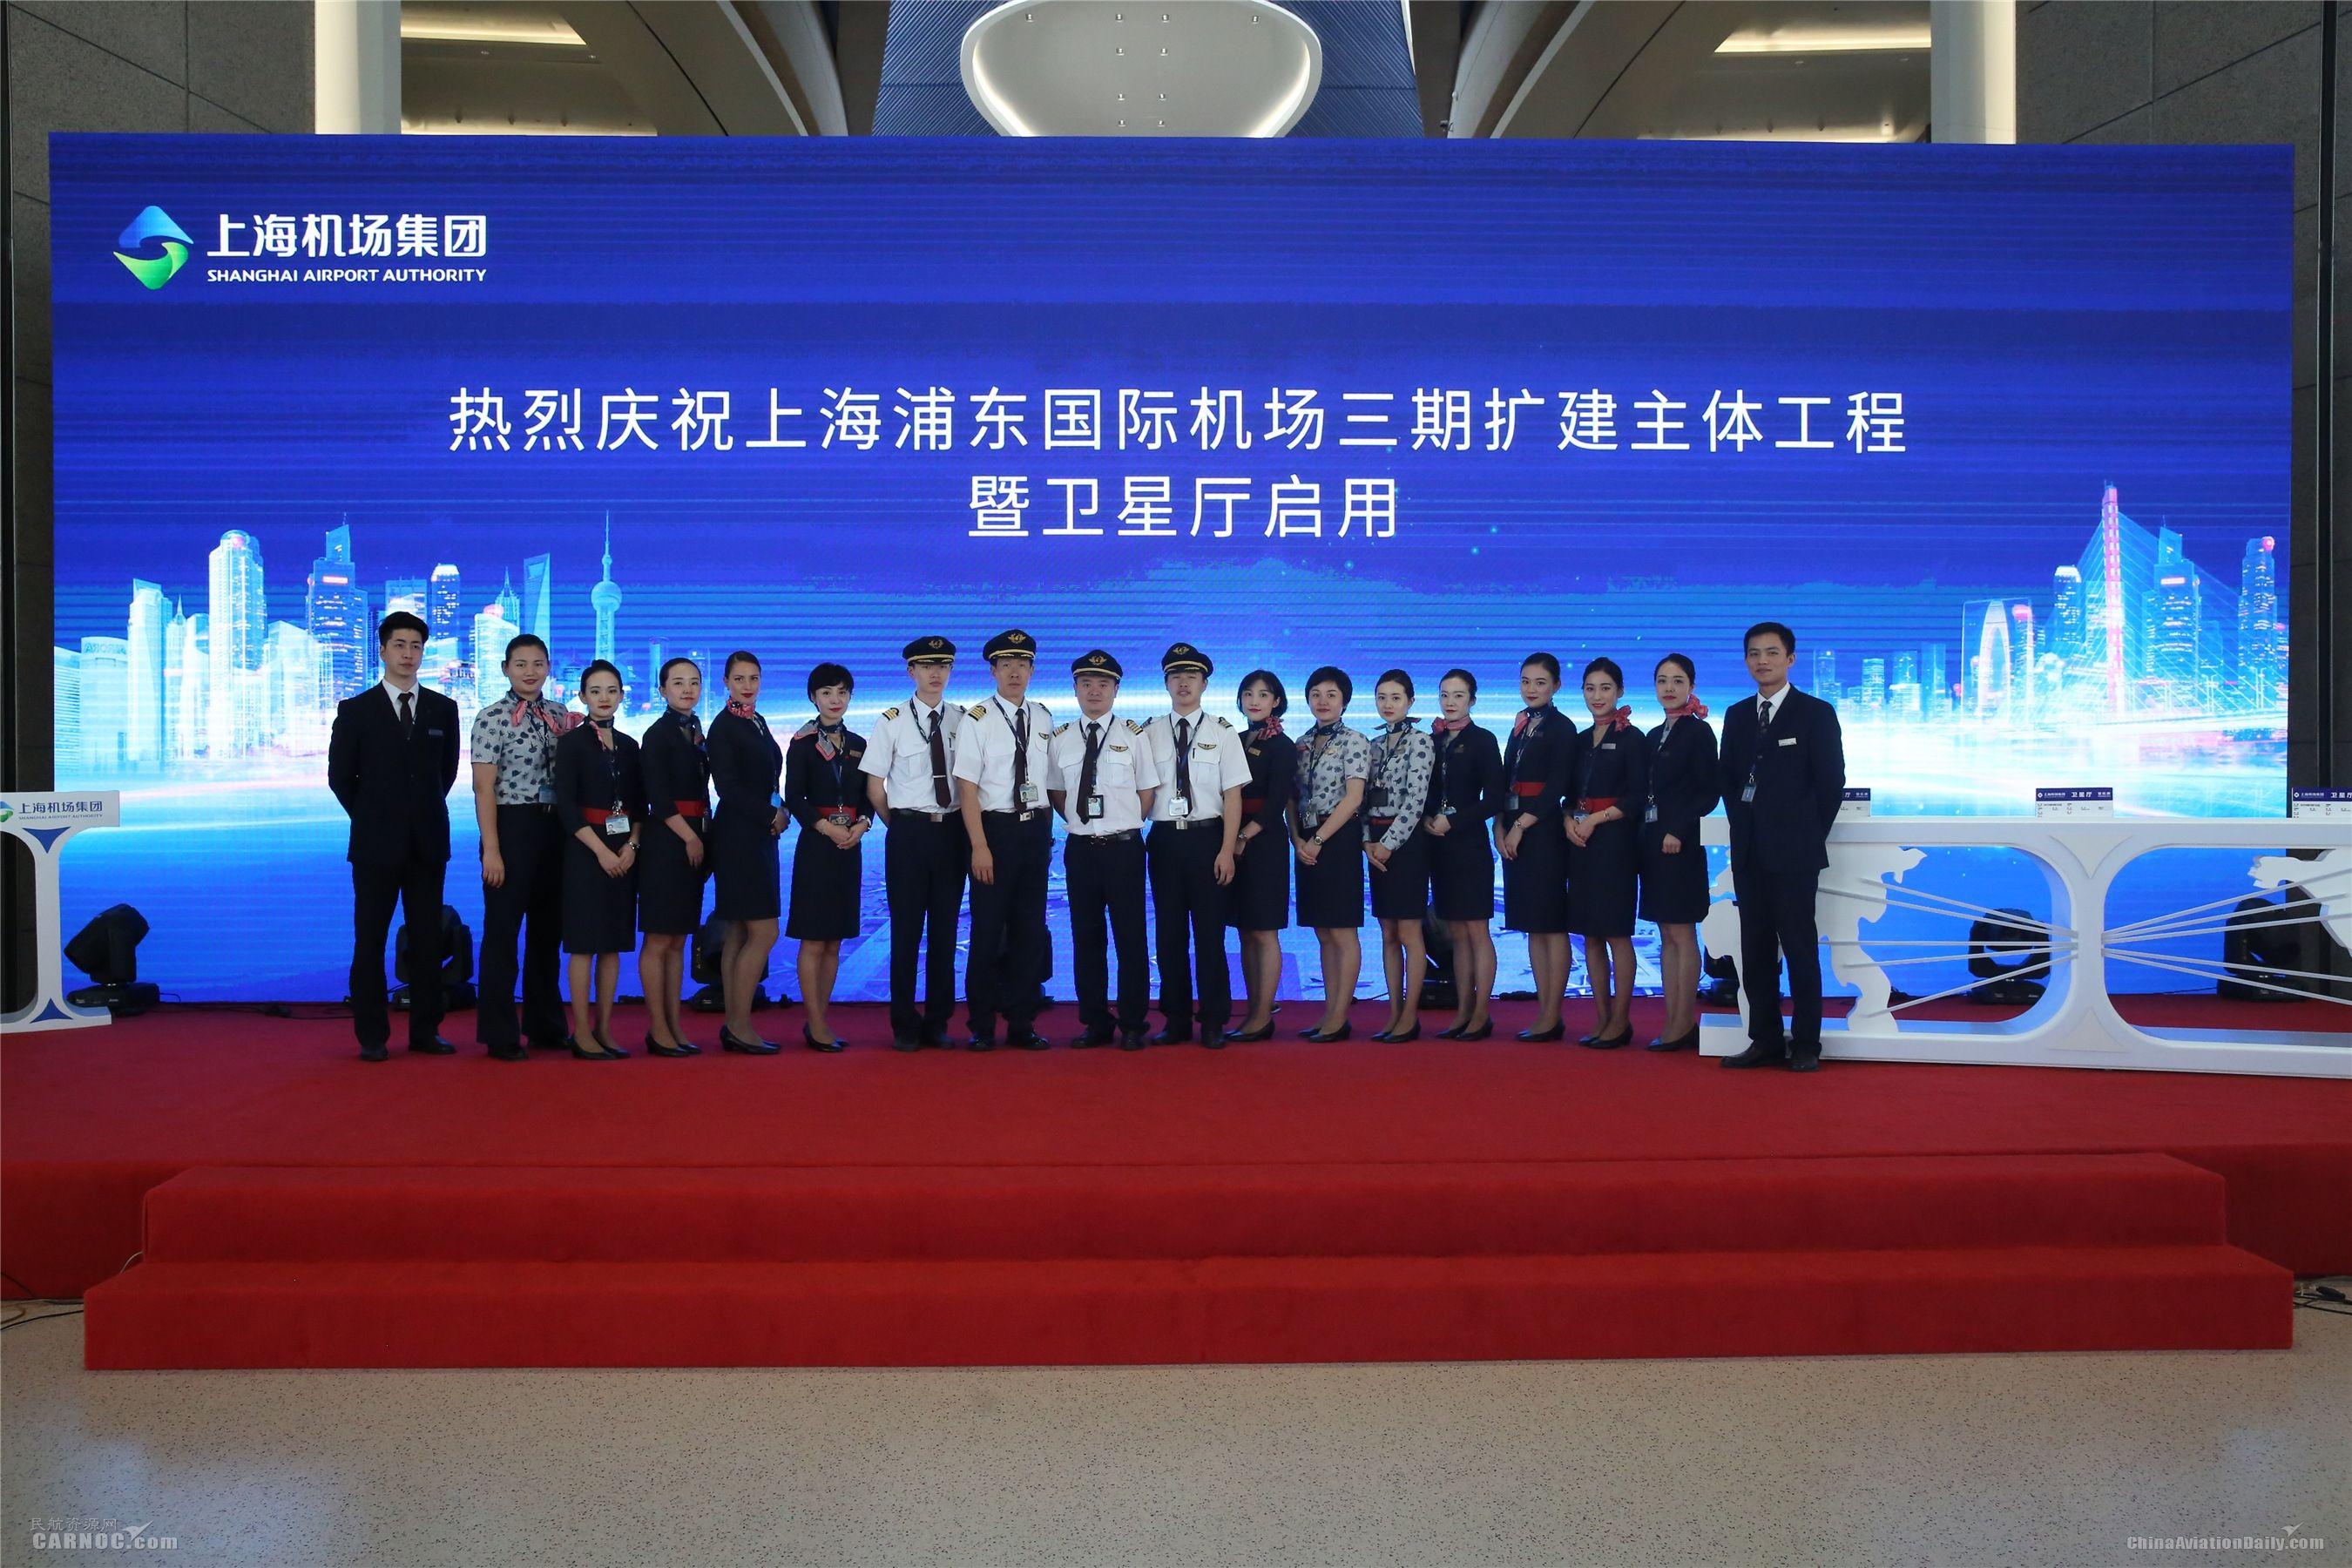 东航上海飞行部圆满完成浦东机场S1卫星厅首航任务